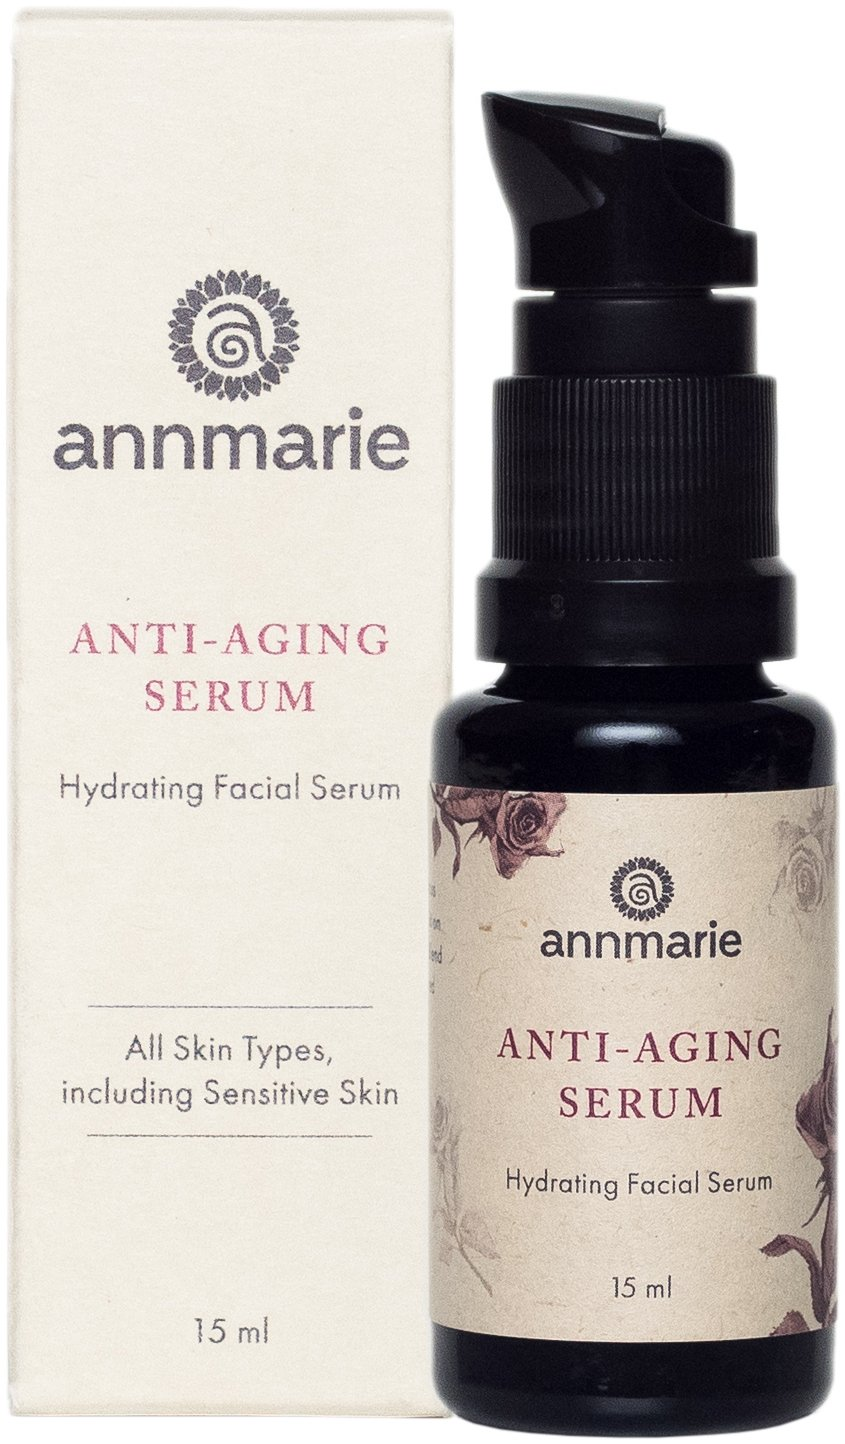 Annmarie Skin Care - Anti-Aging Serum, 15ml